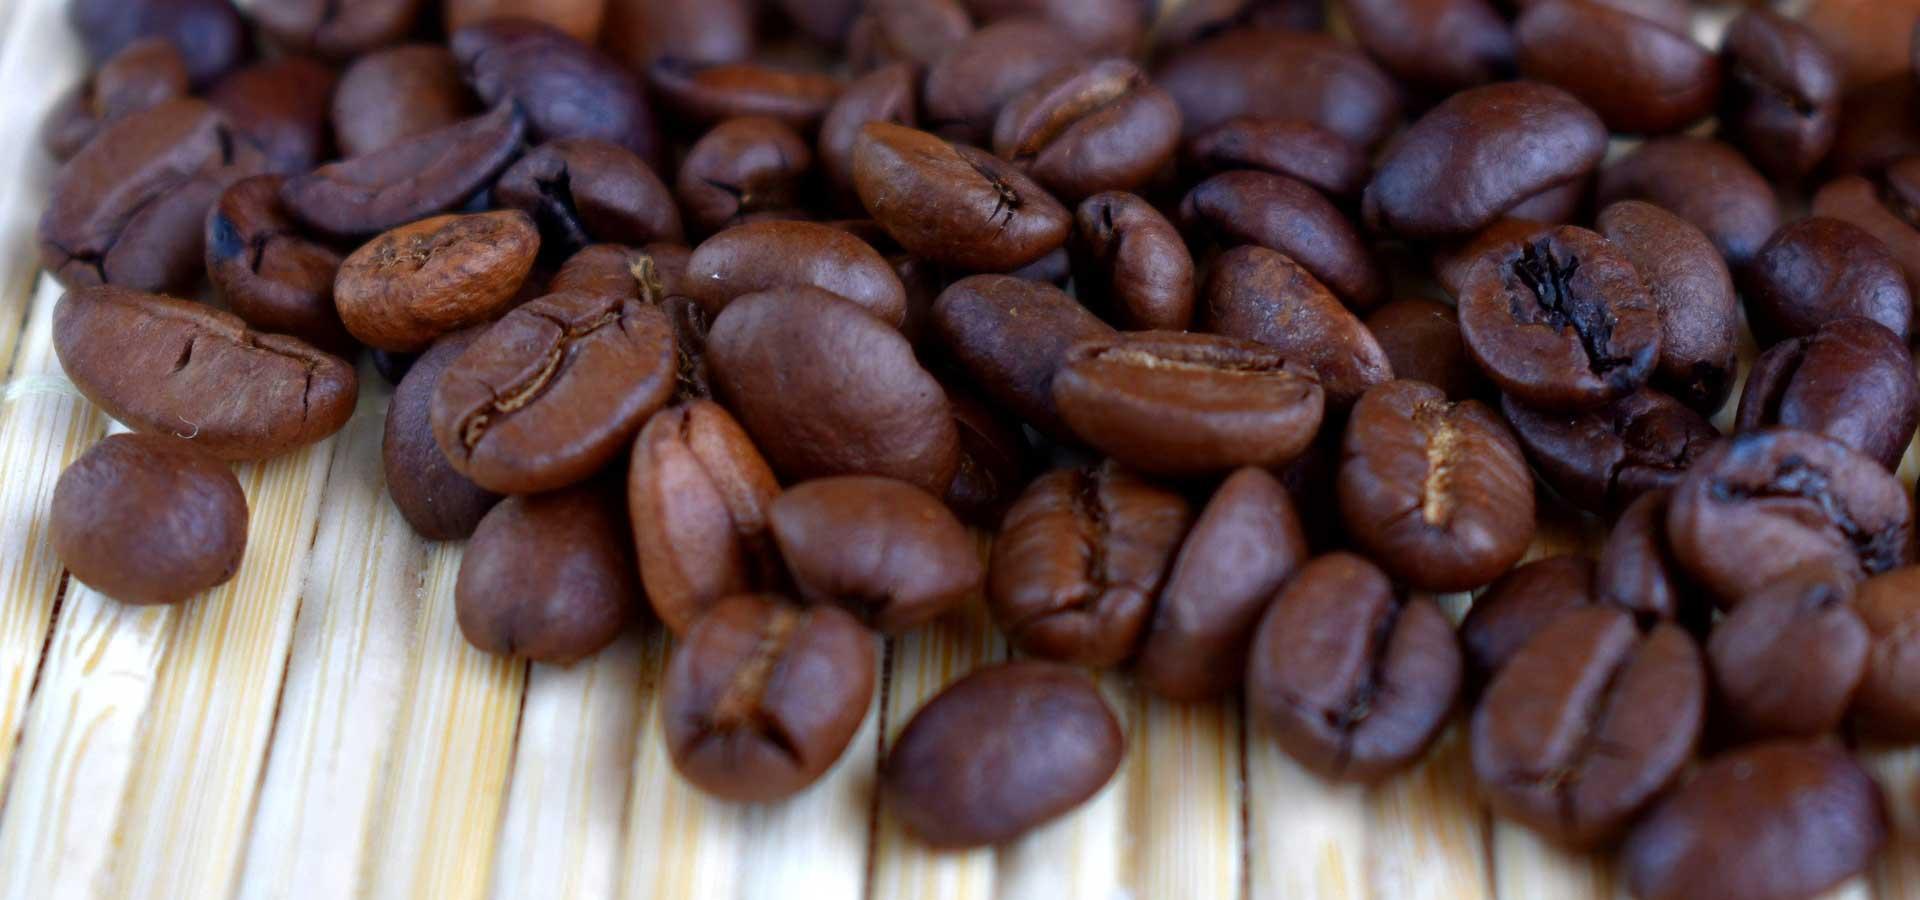 arabica-kaffee robusta-kaffee robusta kaffee angebaut wie schmeckt robusta kaffee www.kaffee-held.de